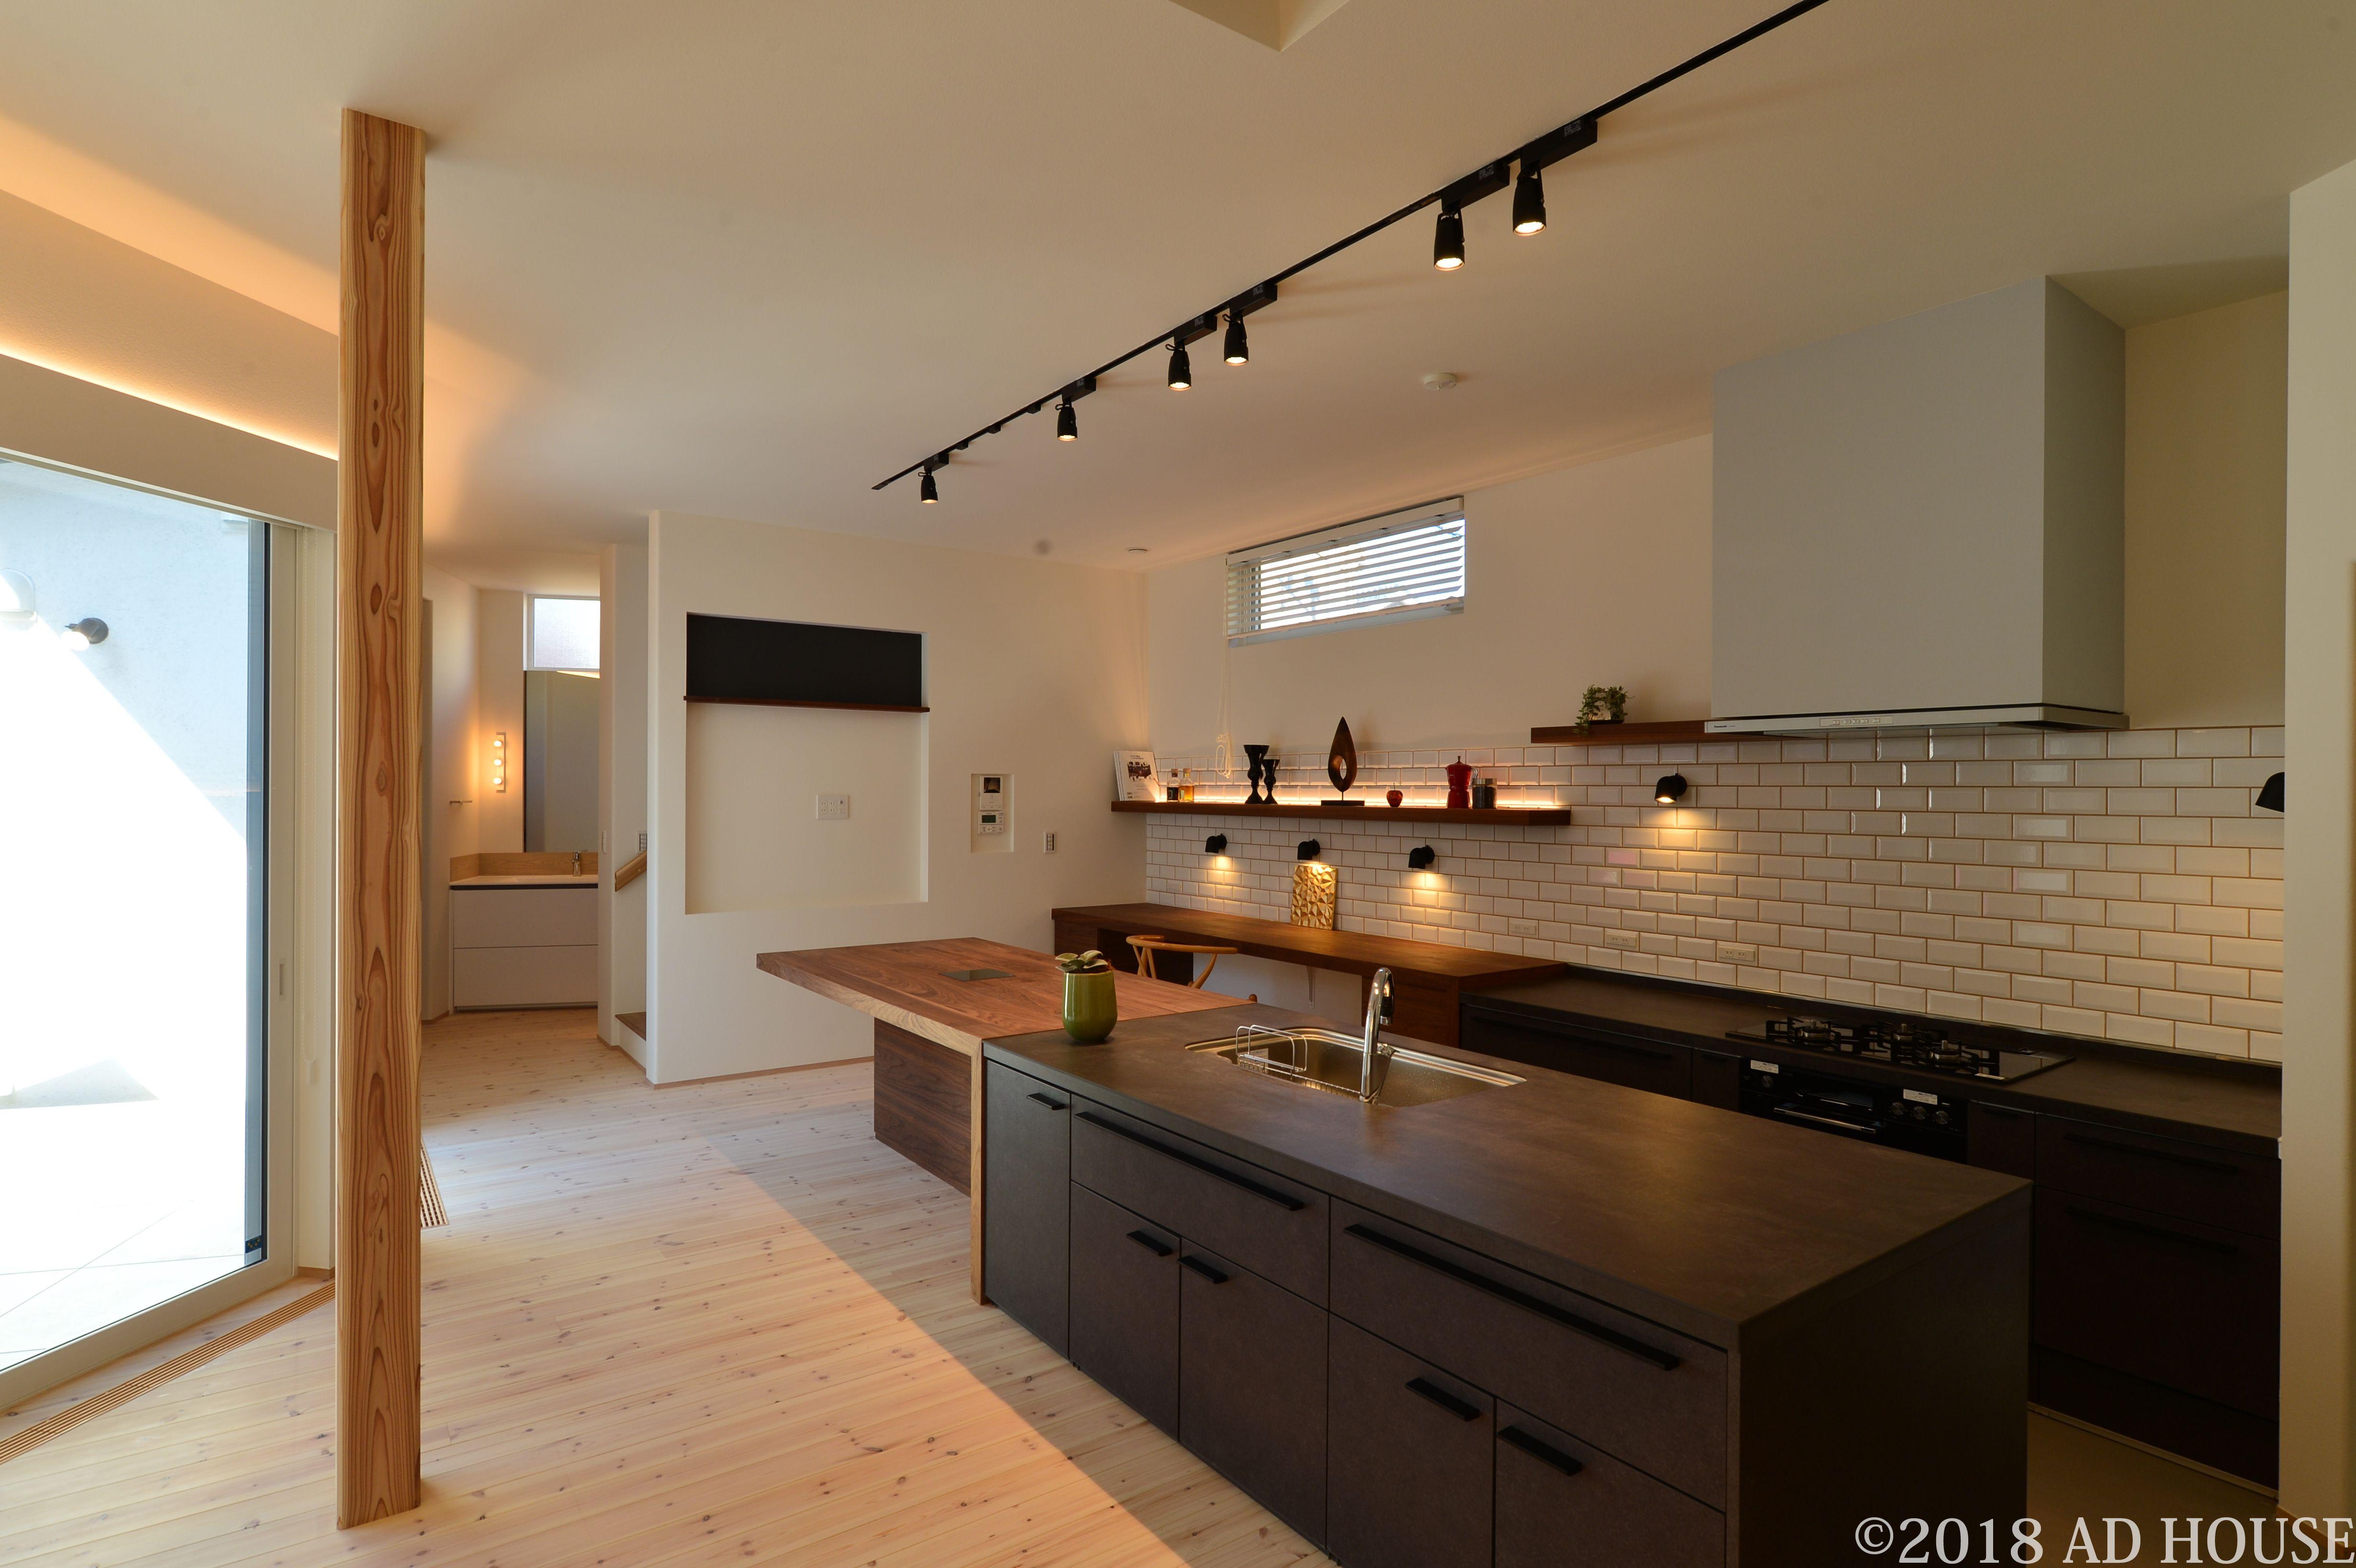 キッチンは Lixil リシェルを使用 セラミックトップのセパレート